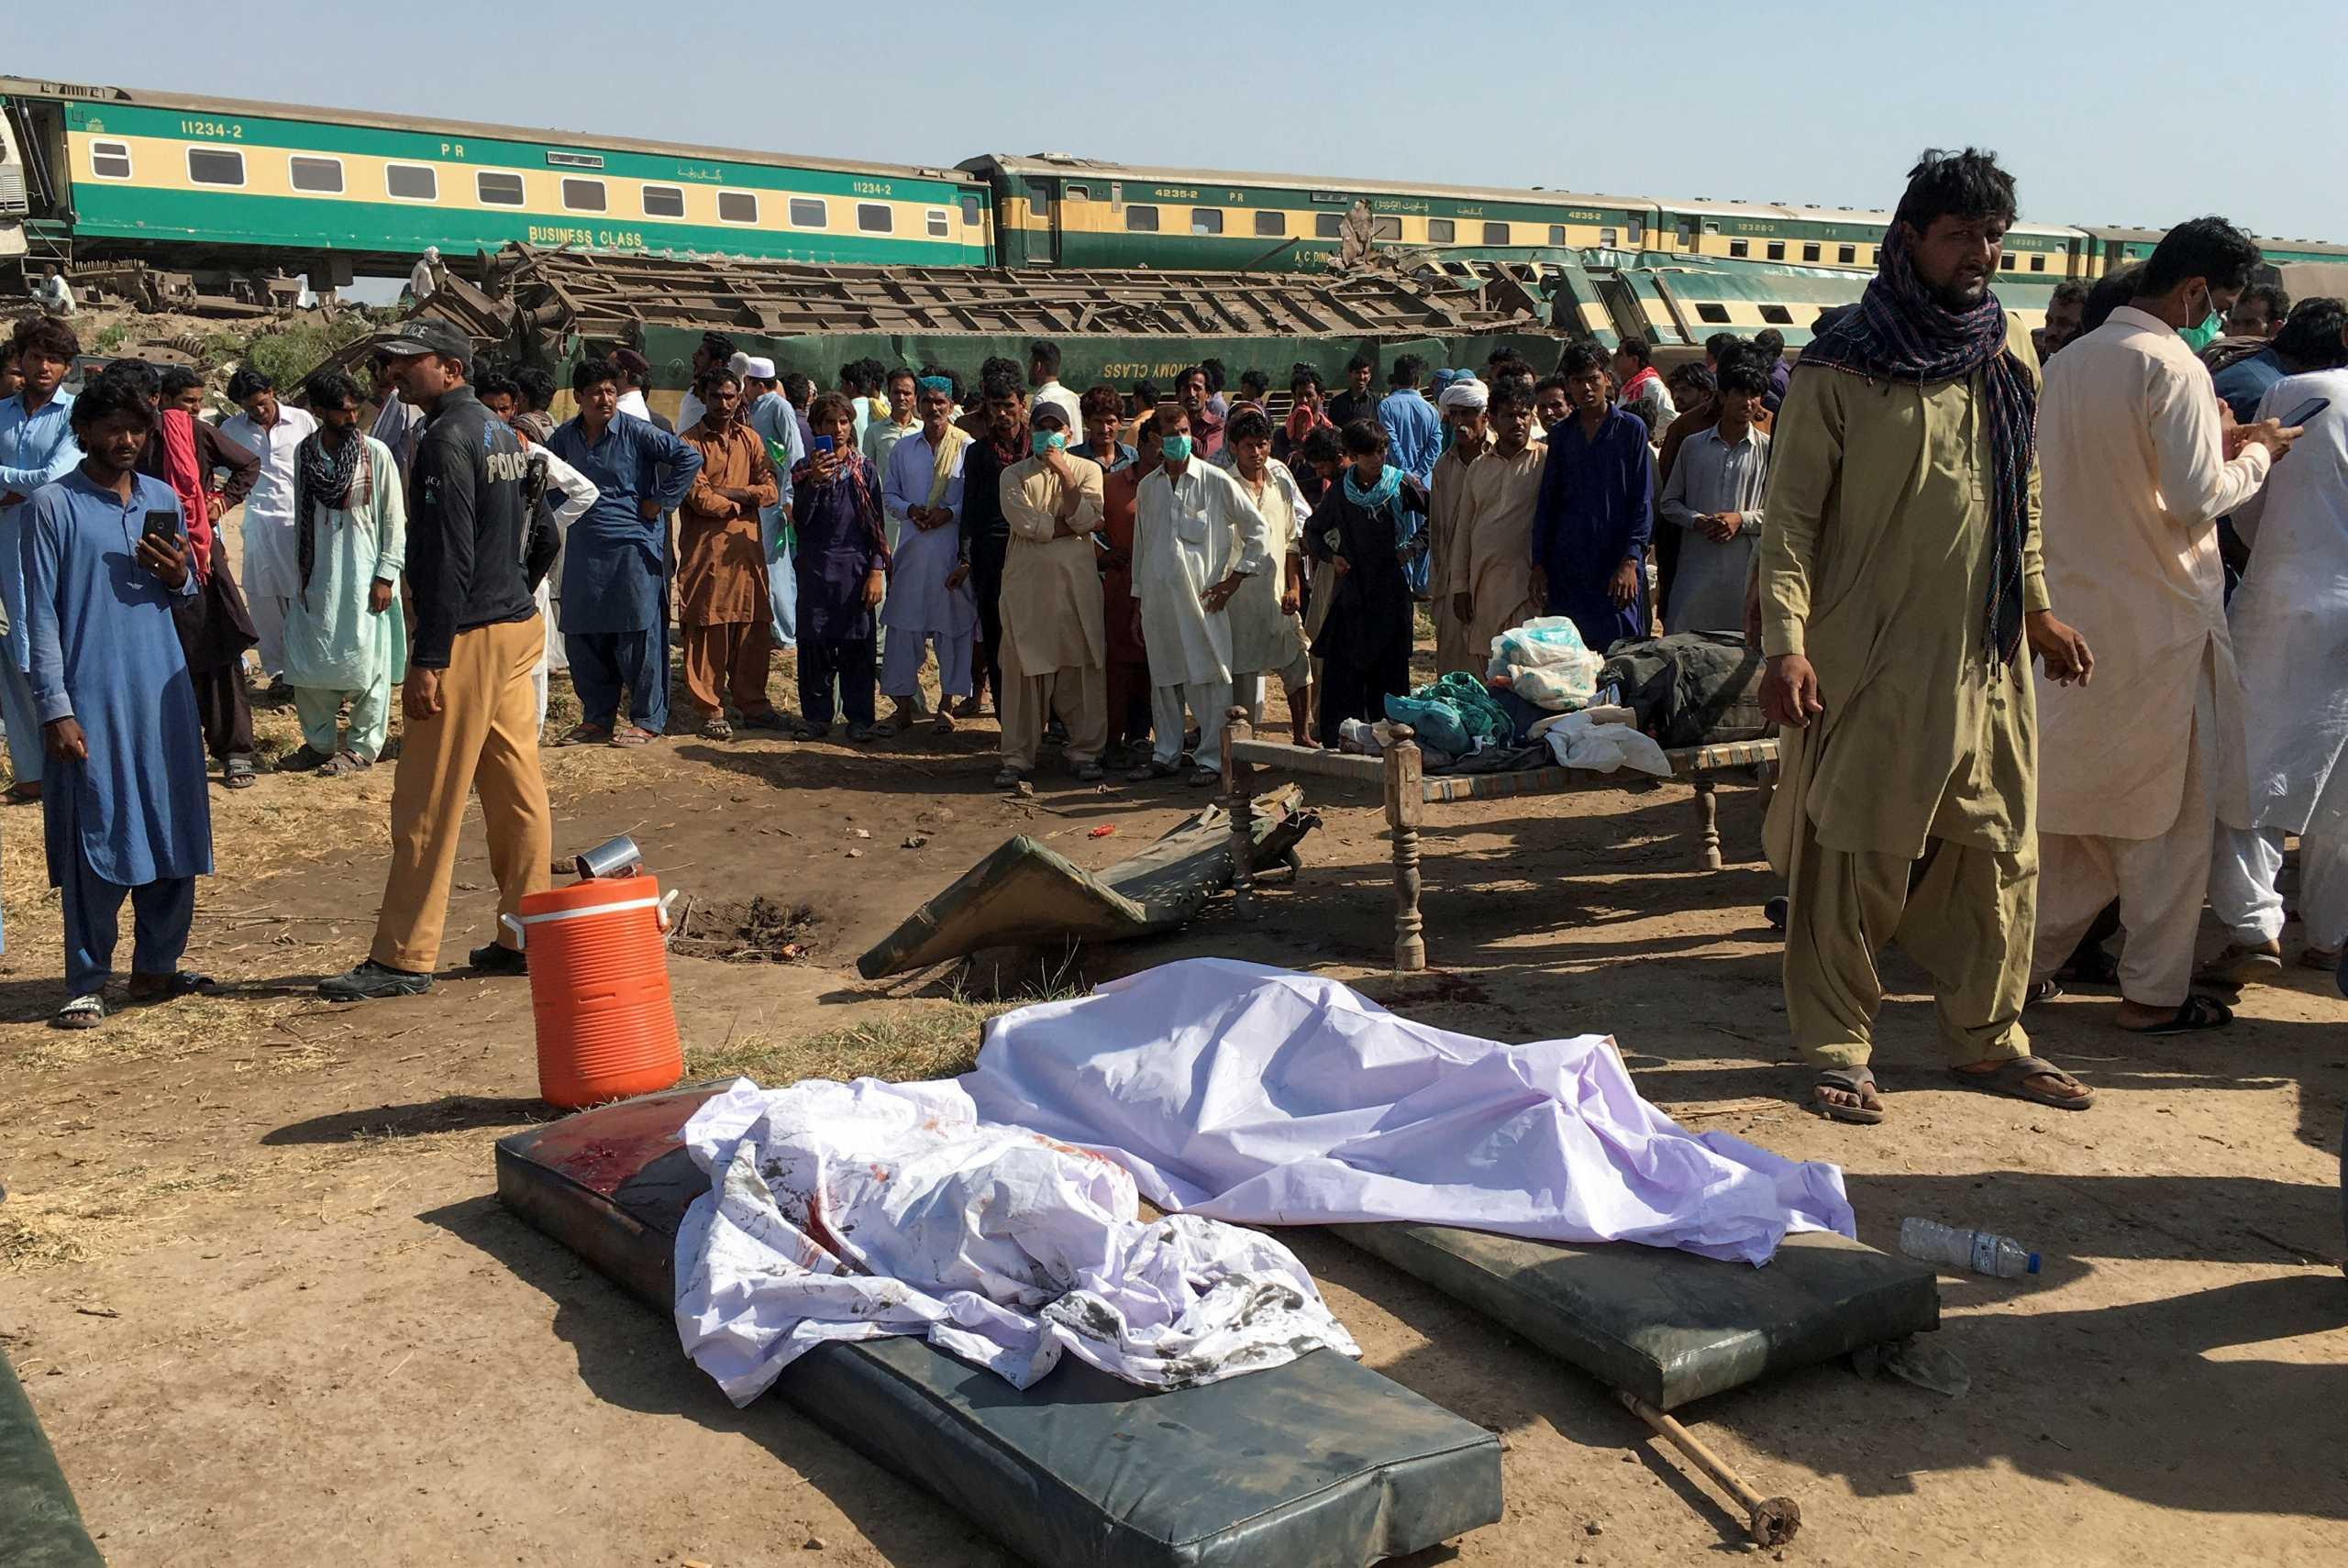 Πακιστάν: 63 οι νεκροί από τη σύγκρουση τρένων (pics)